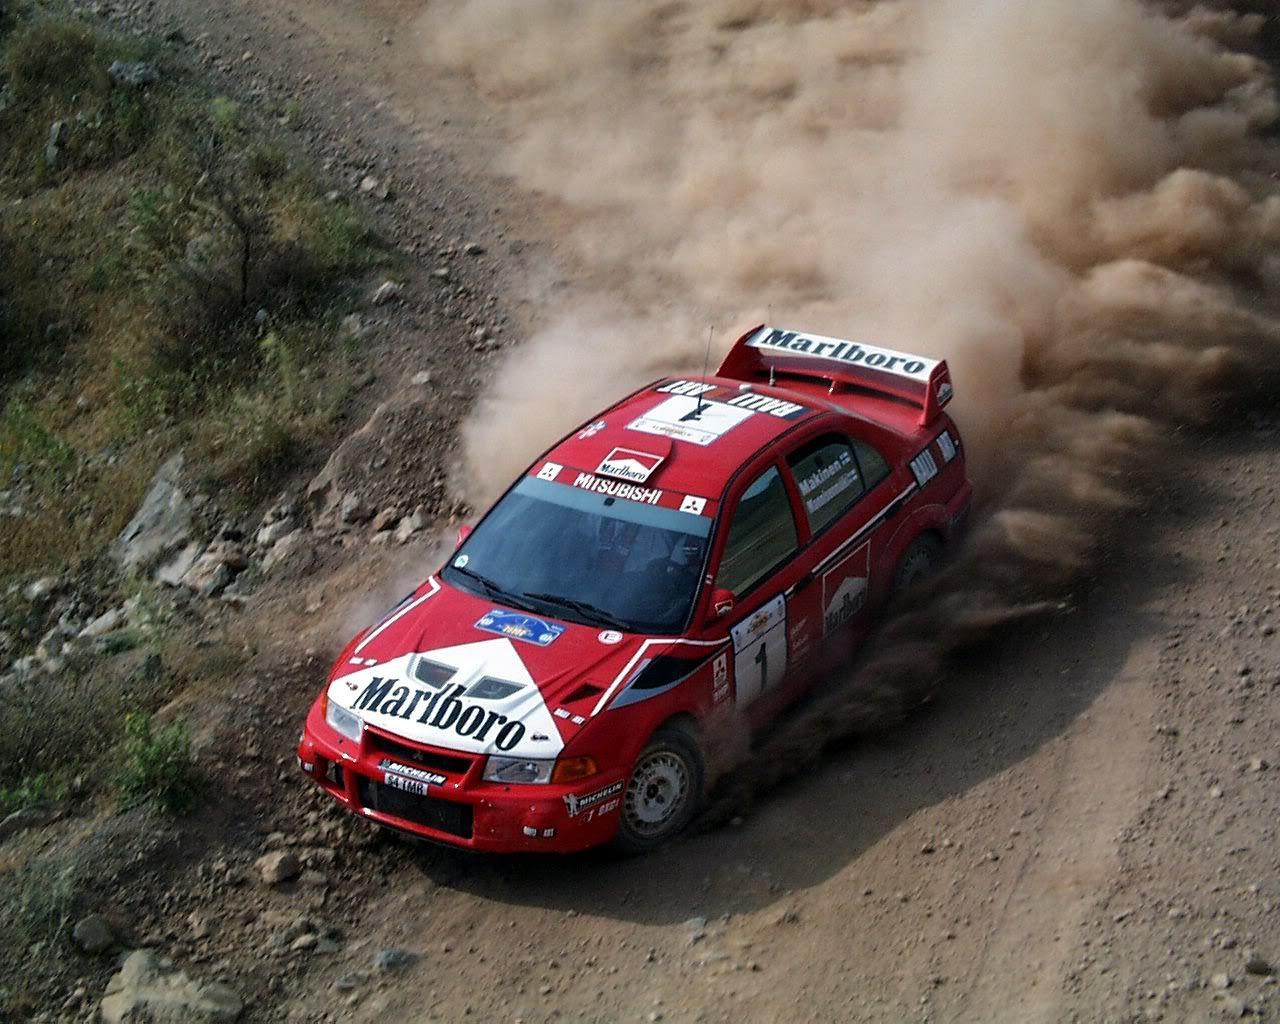 Mitsubishi Evo rally car | Rally | Pinterest | Rally car, Rally and Evo